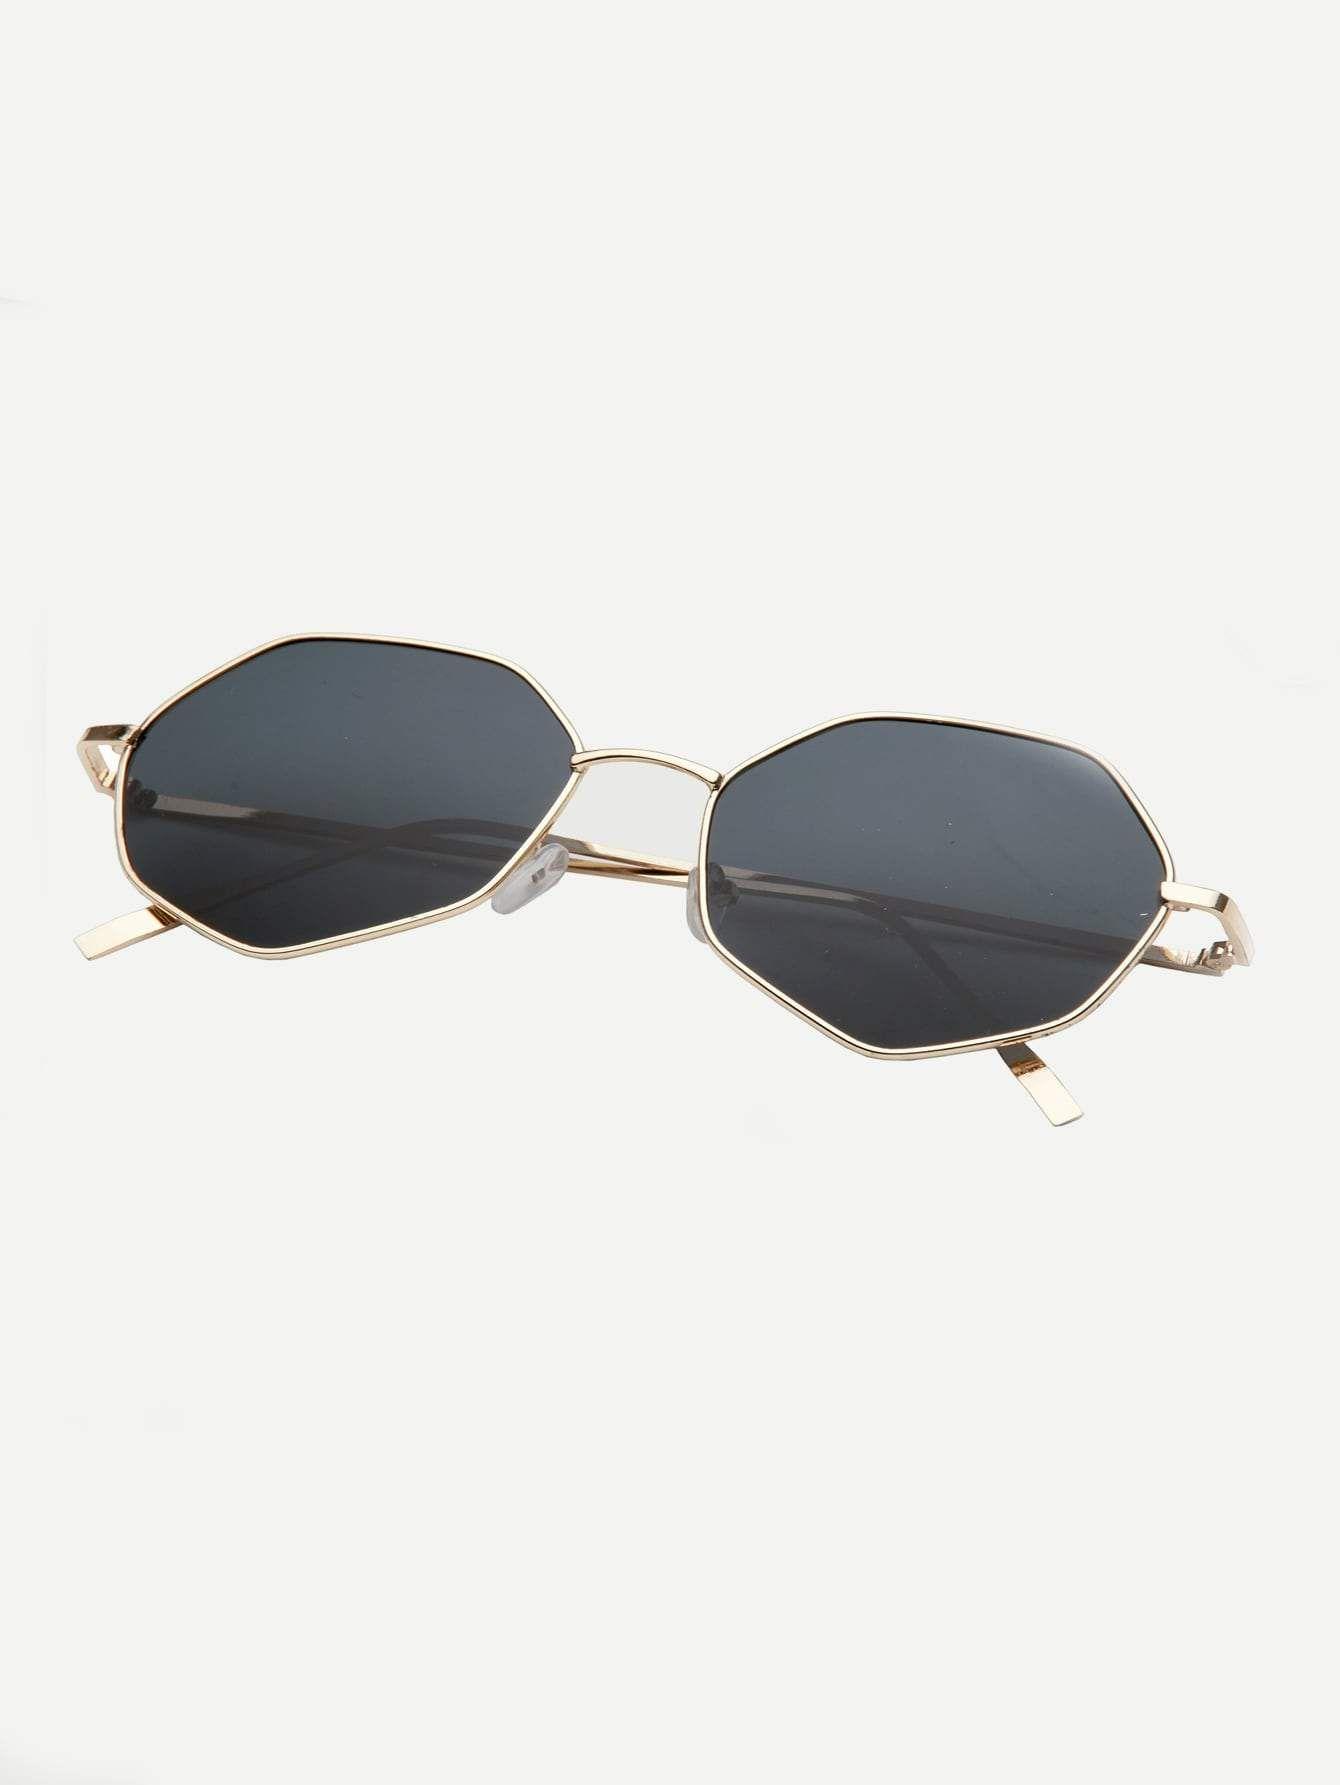 Poly Shades Sunglass Frames Sunglasses Costa Sunglasses